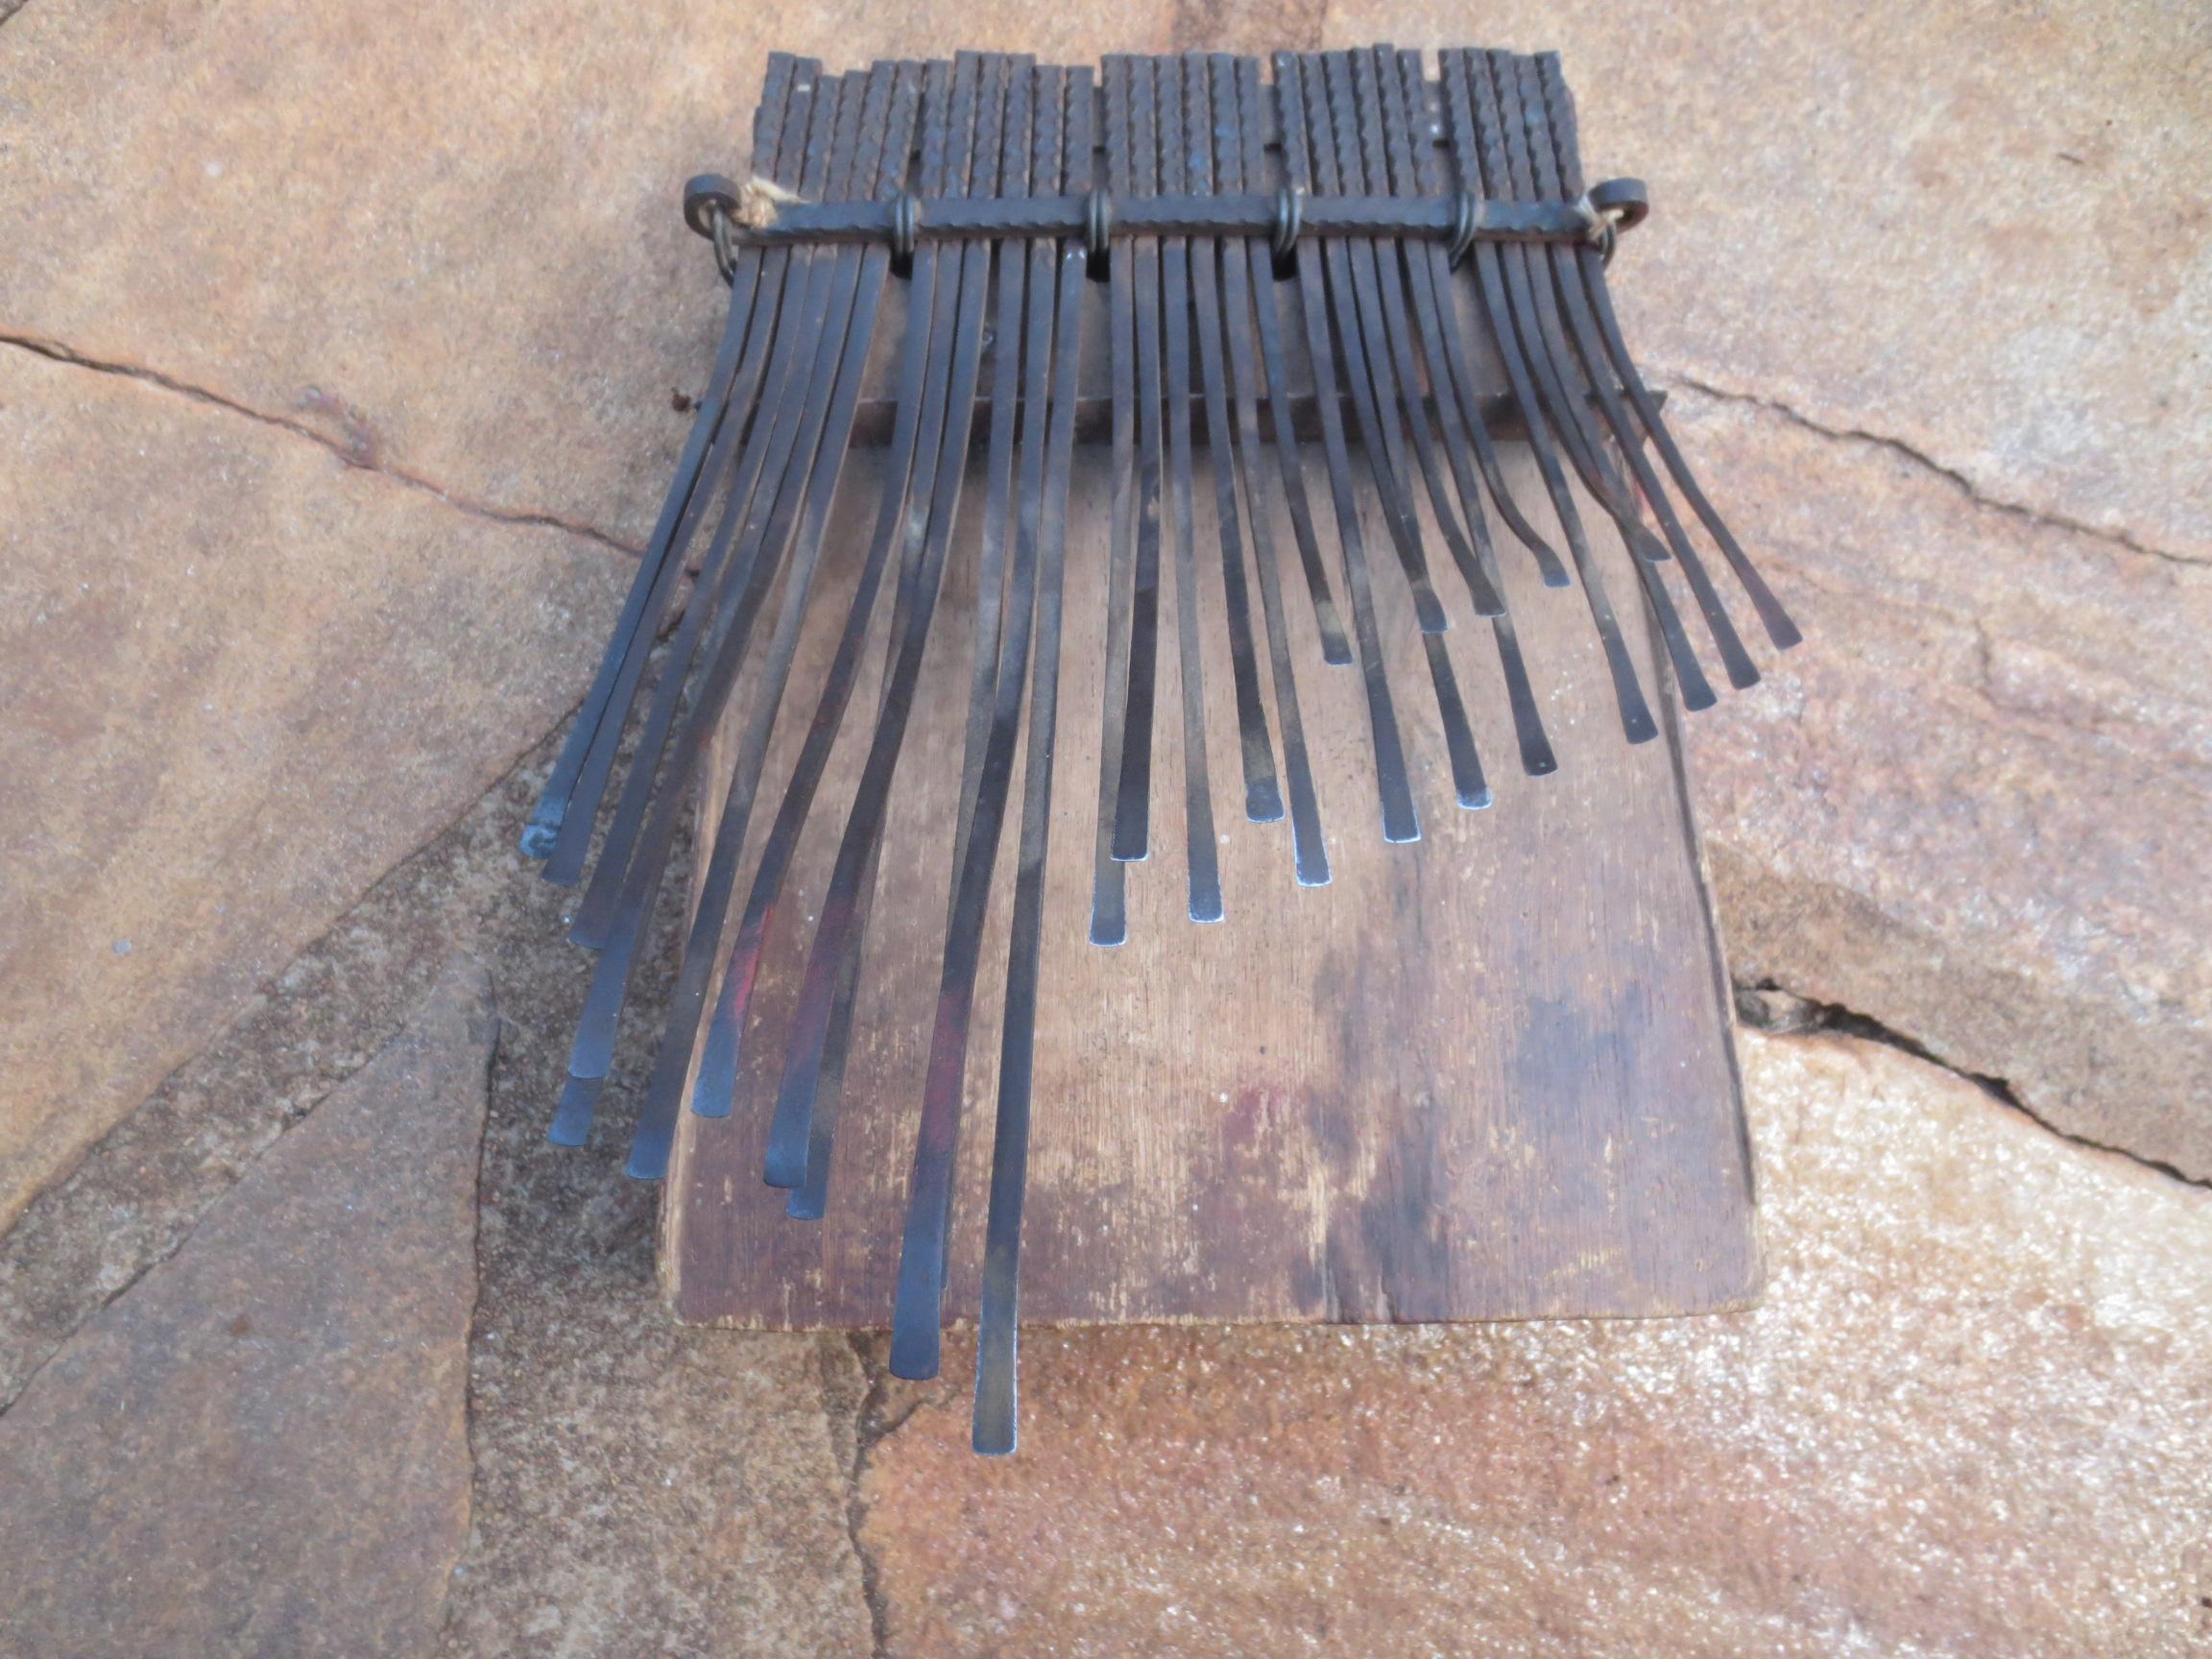 Michael Bourdillon's hera mbira, made by Josam Nyamukuvhengu